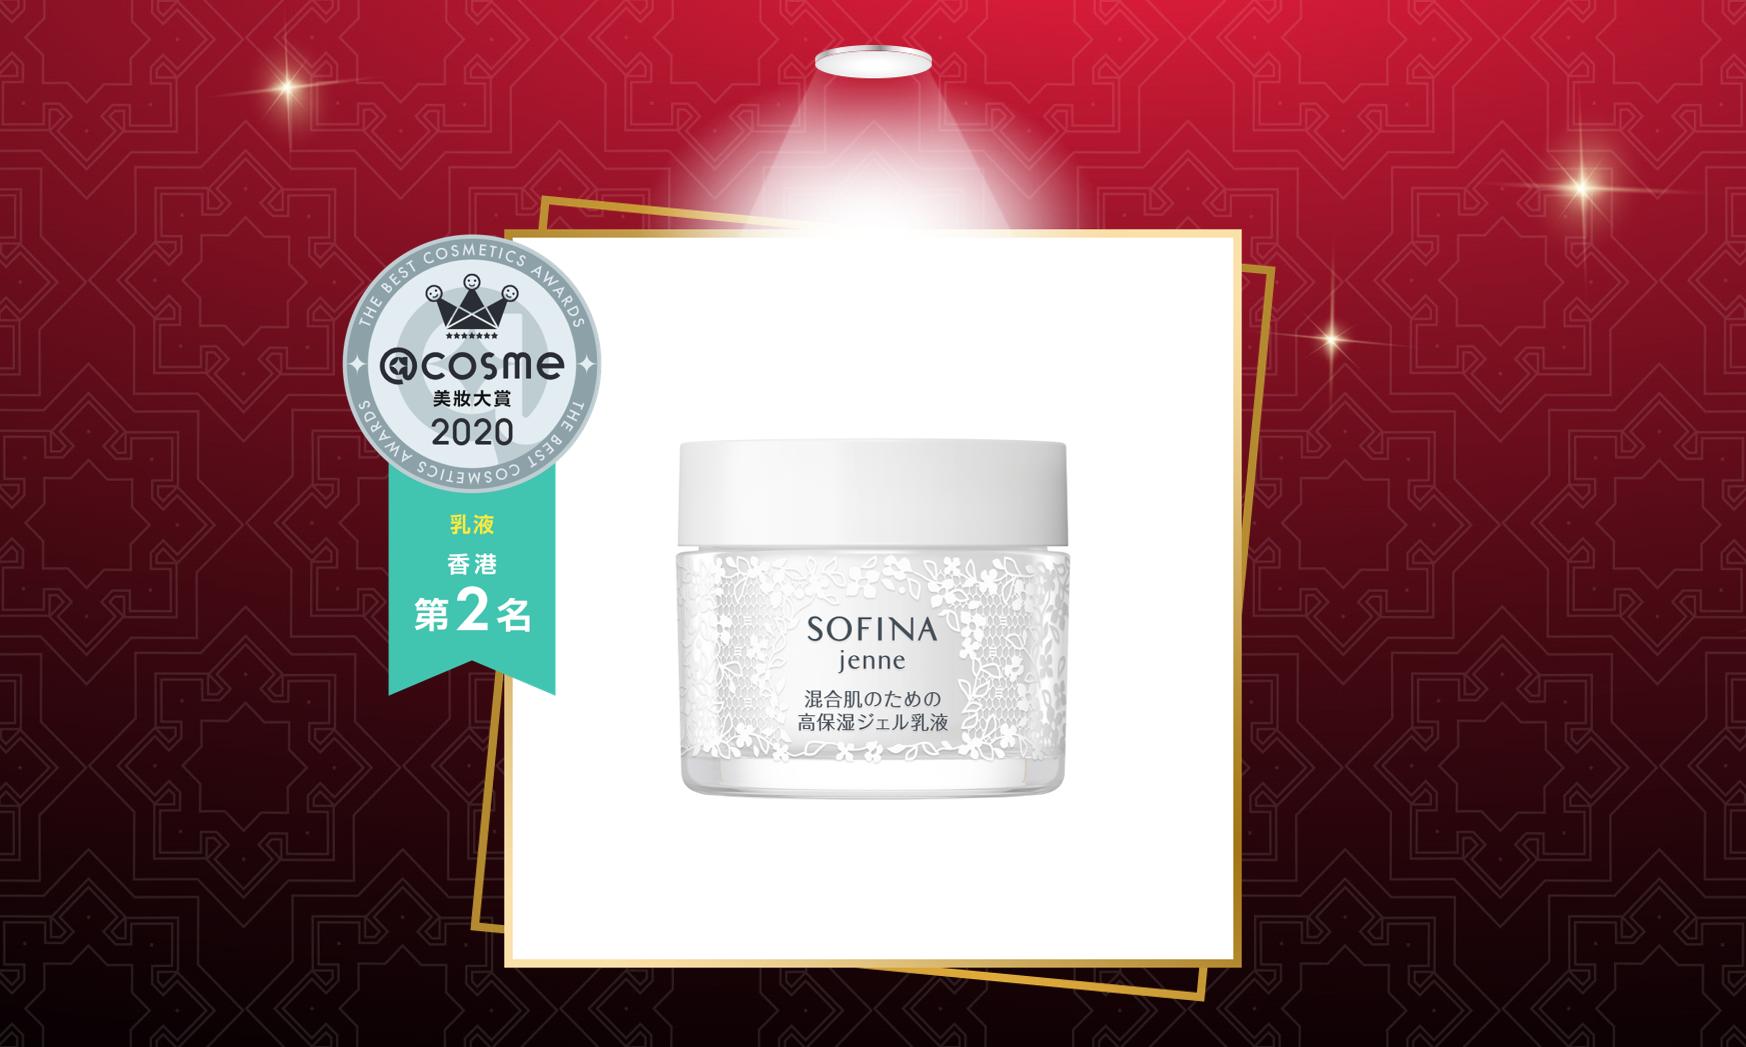 2020年度香港美妝大賞 SOFINA jenne 乳液 水油平衡啫喱乳液